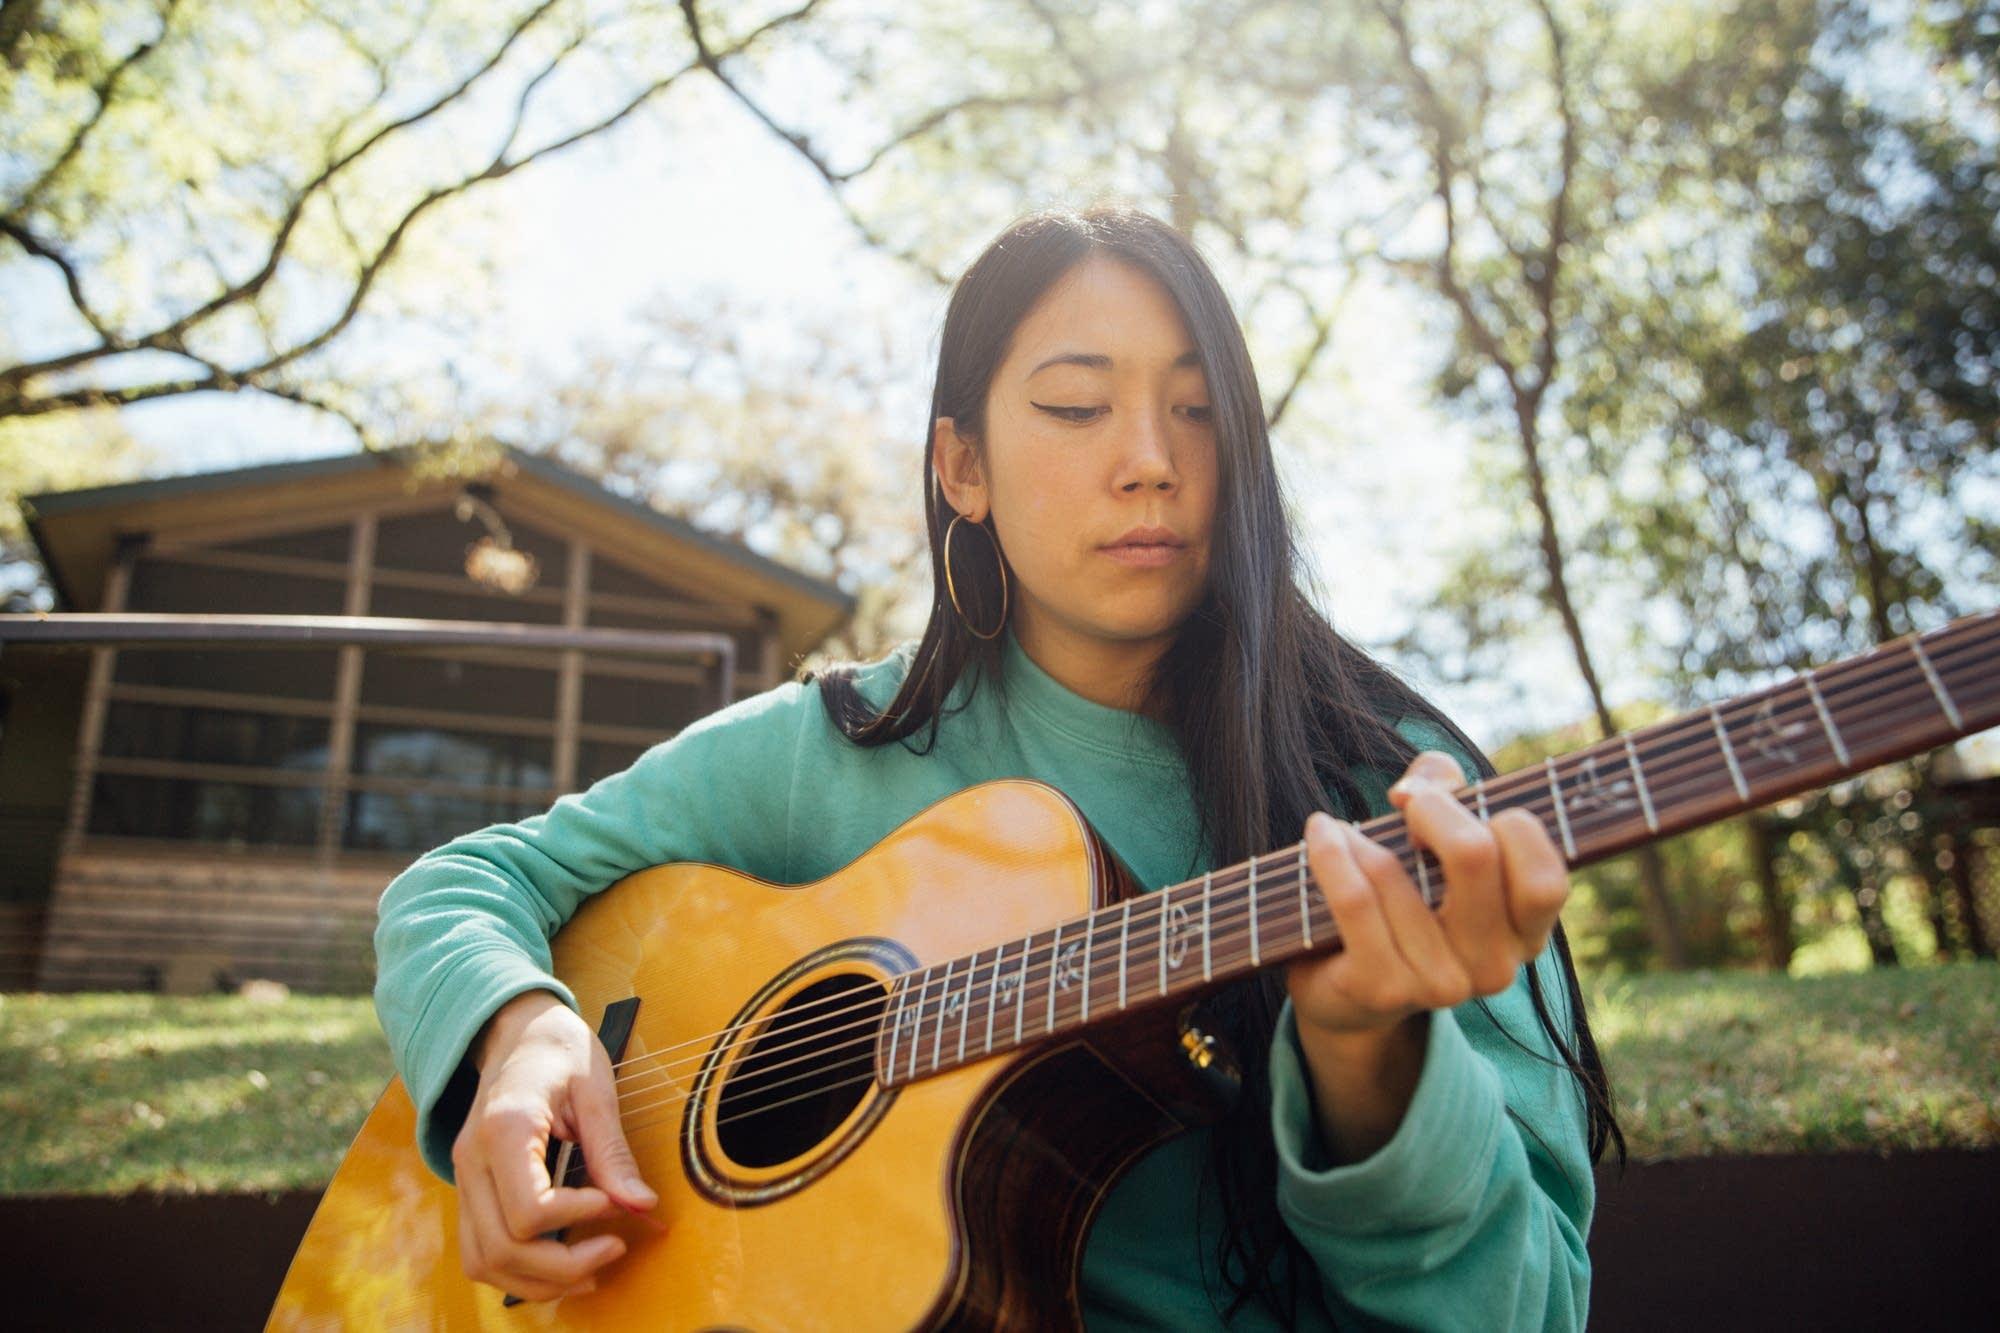 Sasami performs at SXSW 2019